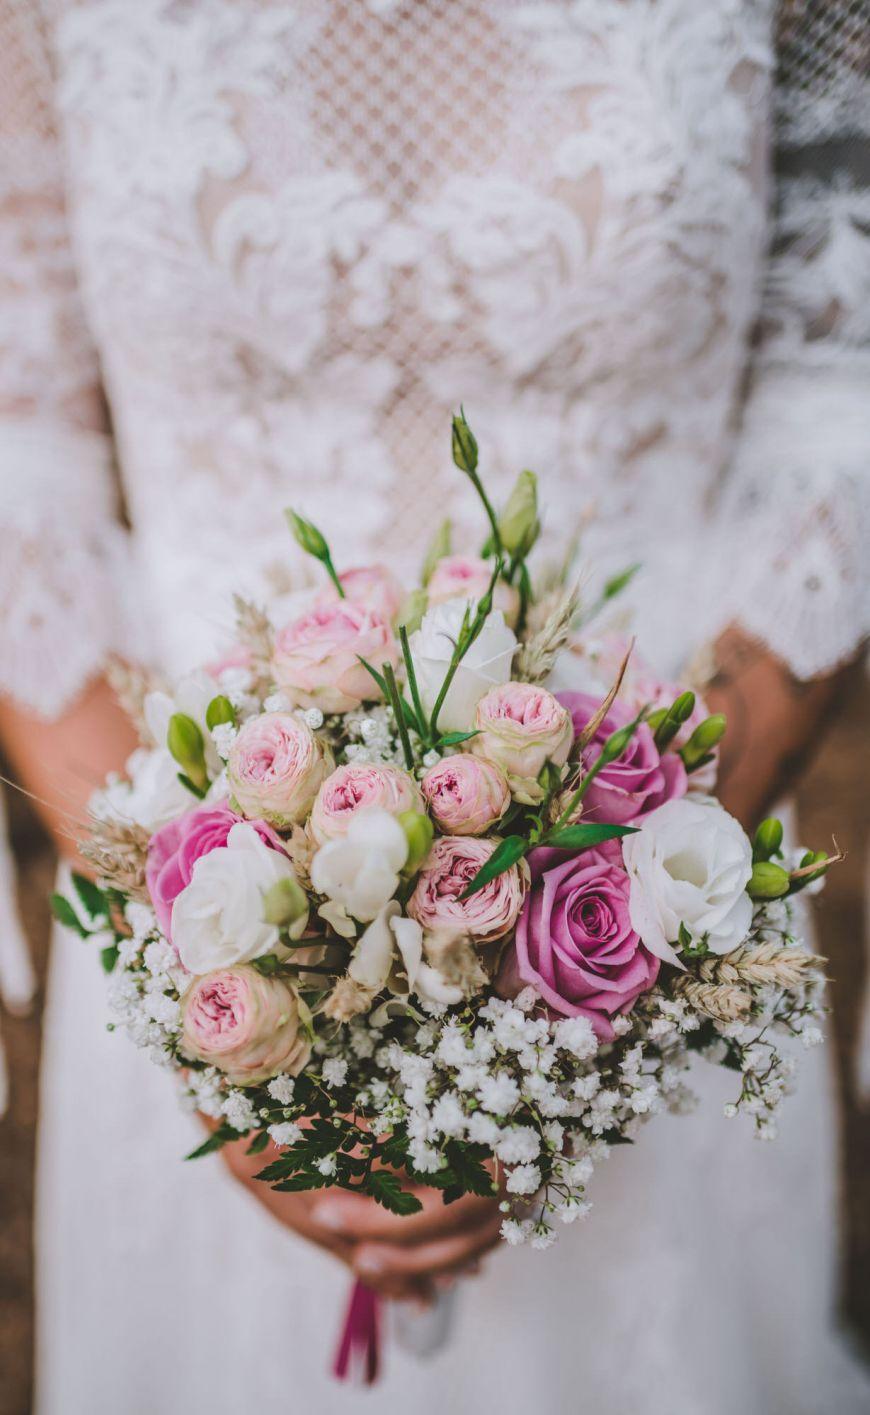 Photographe-mariage-regardauteur-Parent-Anne-Sophie Bouquet de fleurs champetre marie?e